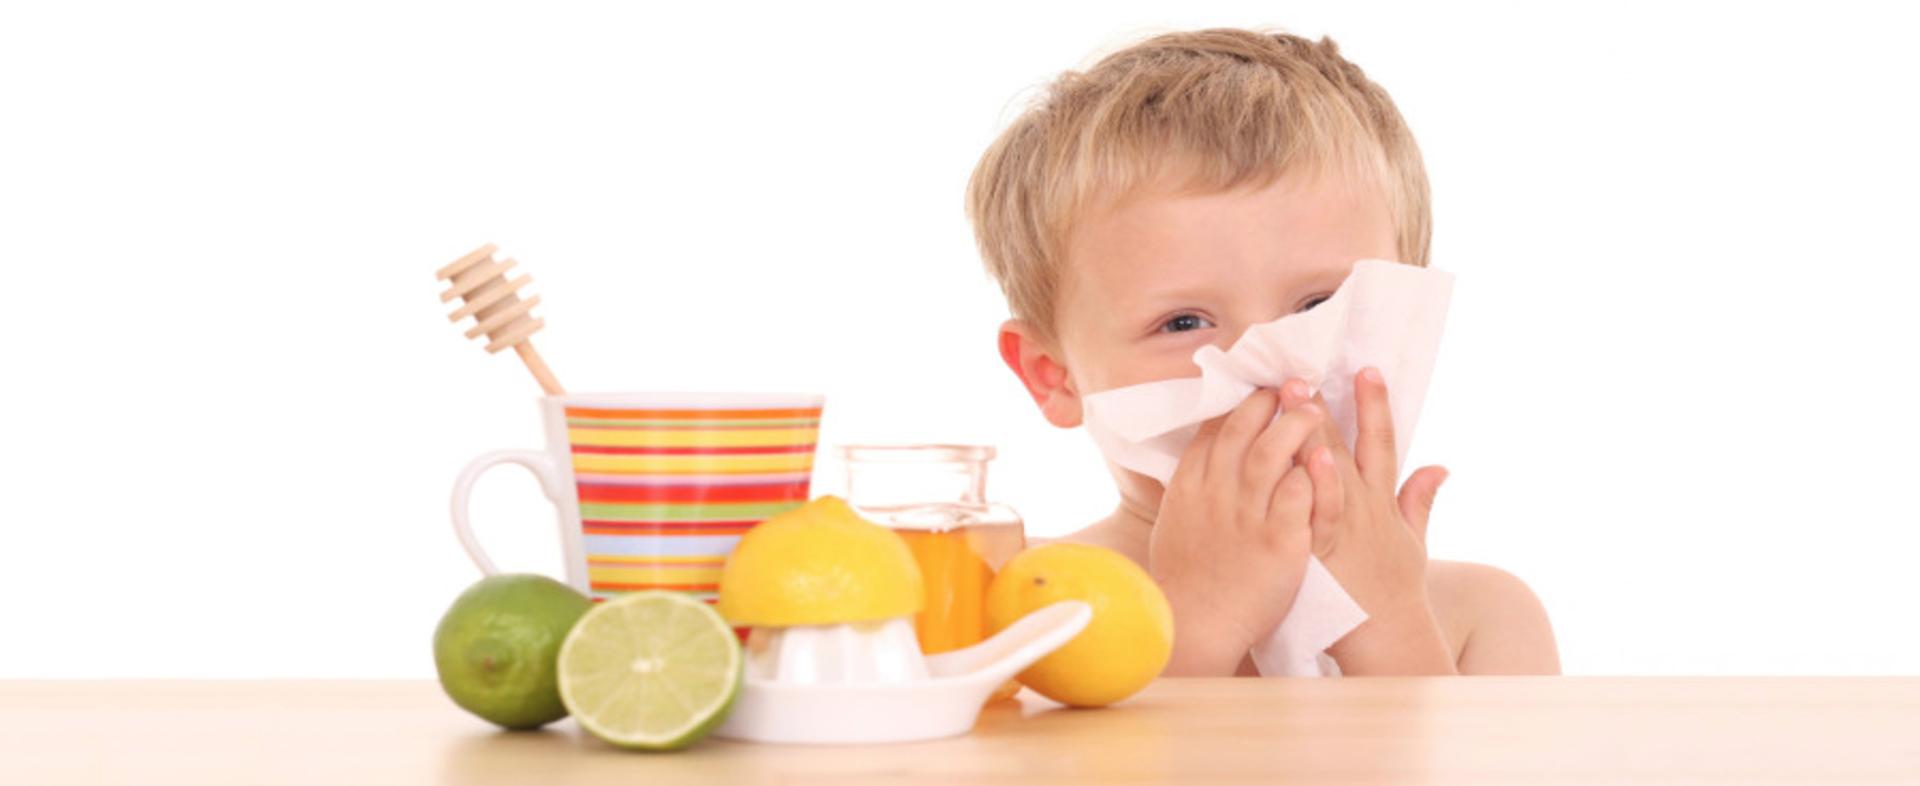 Tosse, raffreddore e mal di gola: ecco come difendersi